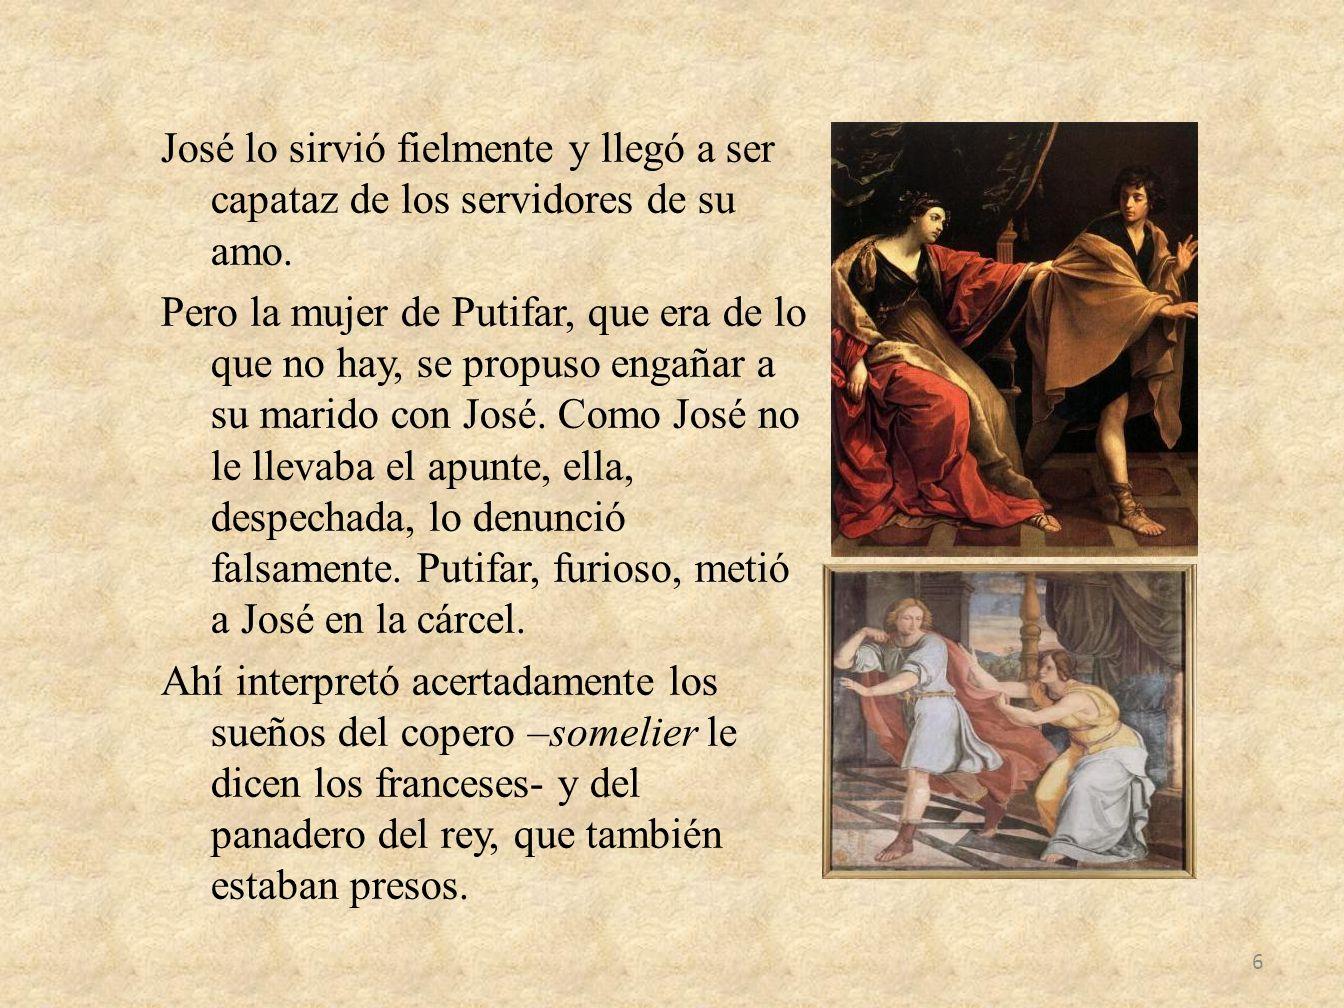 José lo sirvió fielmente y llegó a ser capataz de los servidores de su amo.